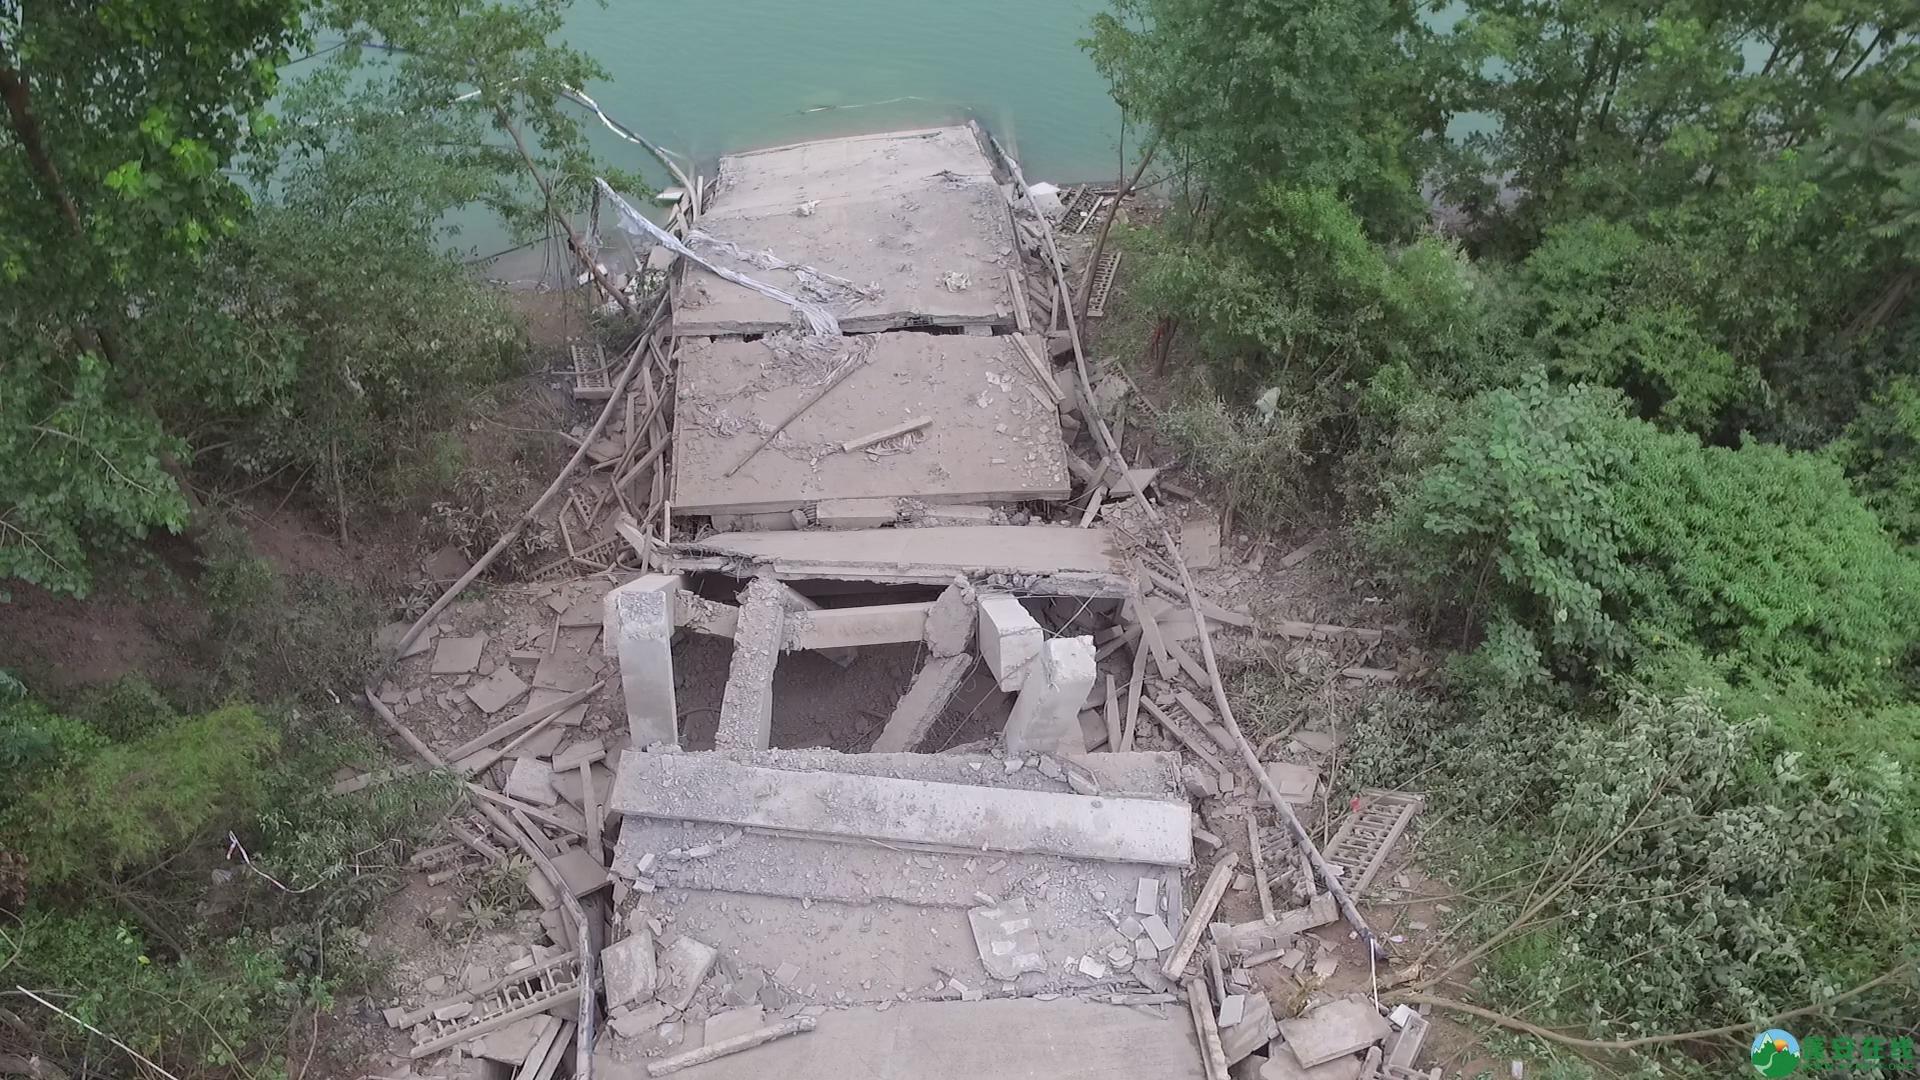 蓬安嘉陵江一桥成功爆破拆除 - 第7张  | 蓬安在线